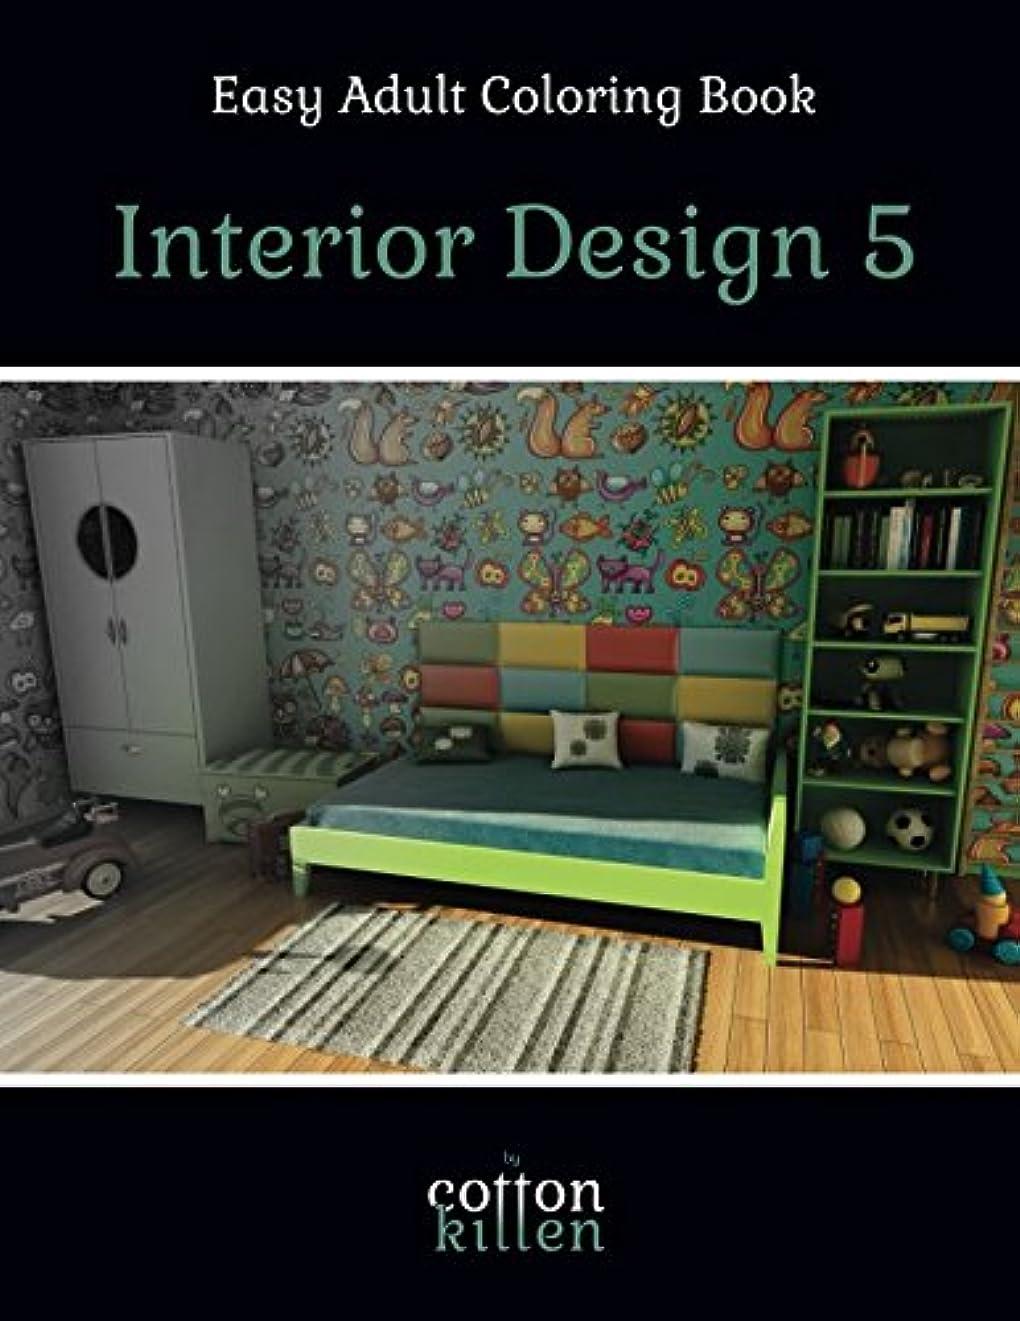 統合ぎこちないデマンドInterior Design 5 - Easy Adult Coloring Book: 49 of the most beautiful grayscale rooms for a relaxed and joyful coloring time